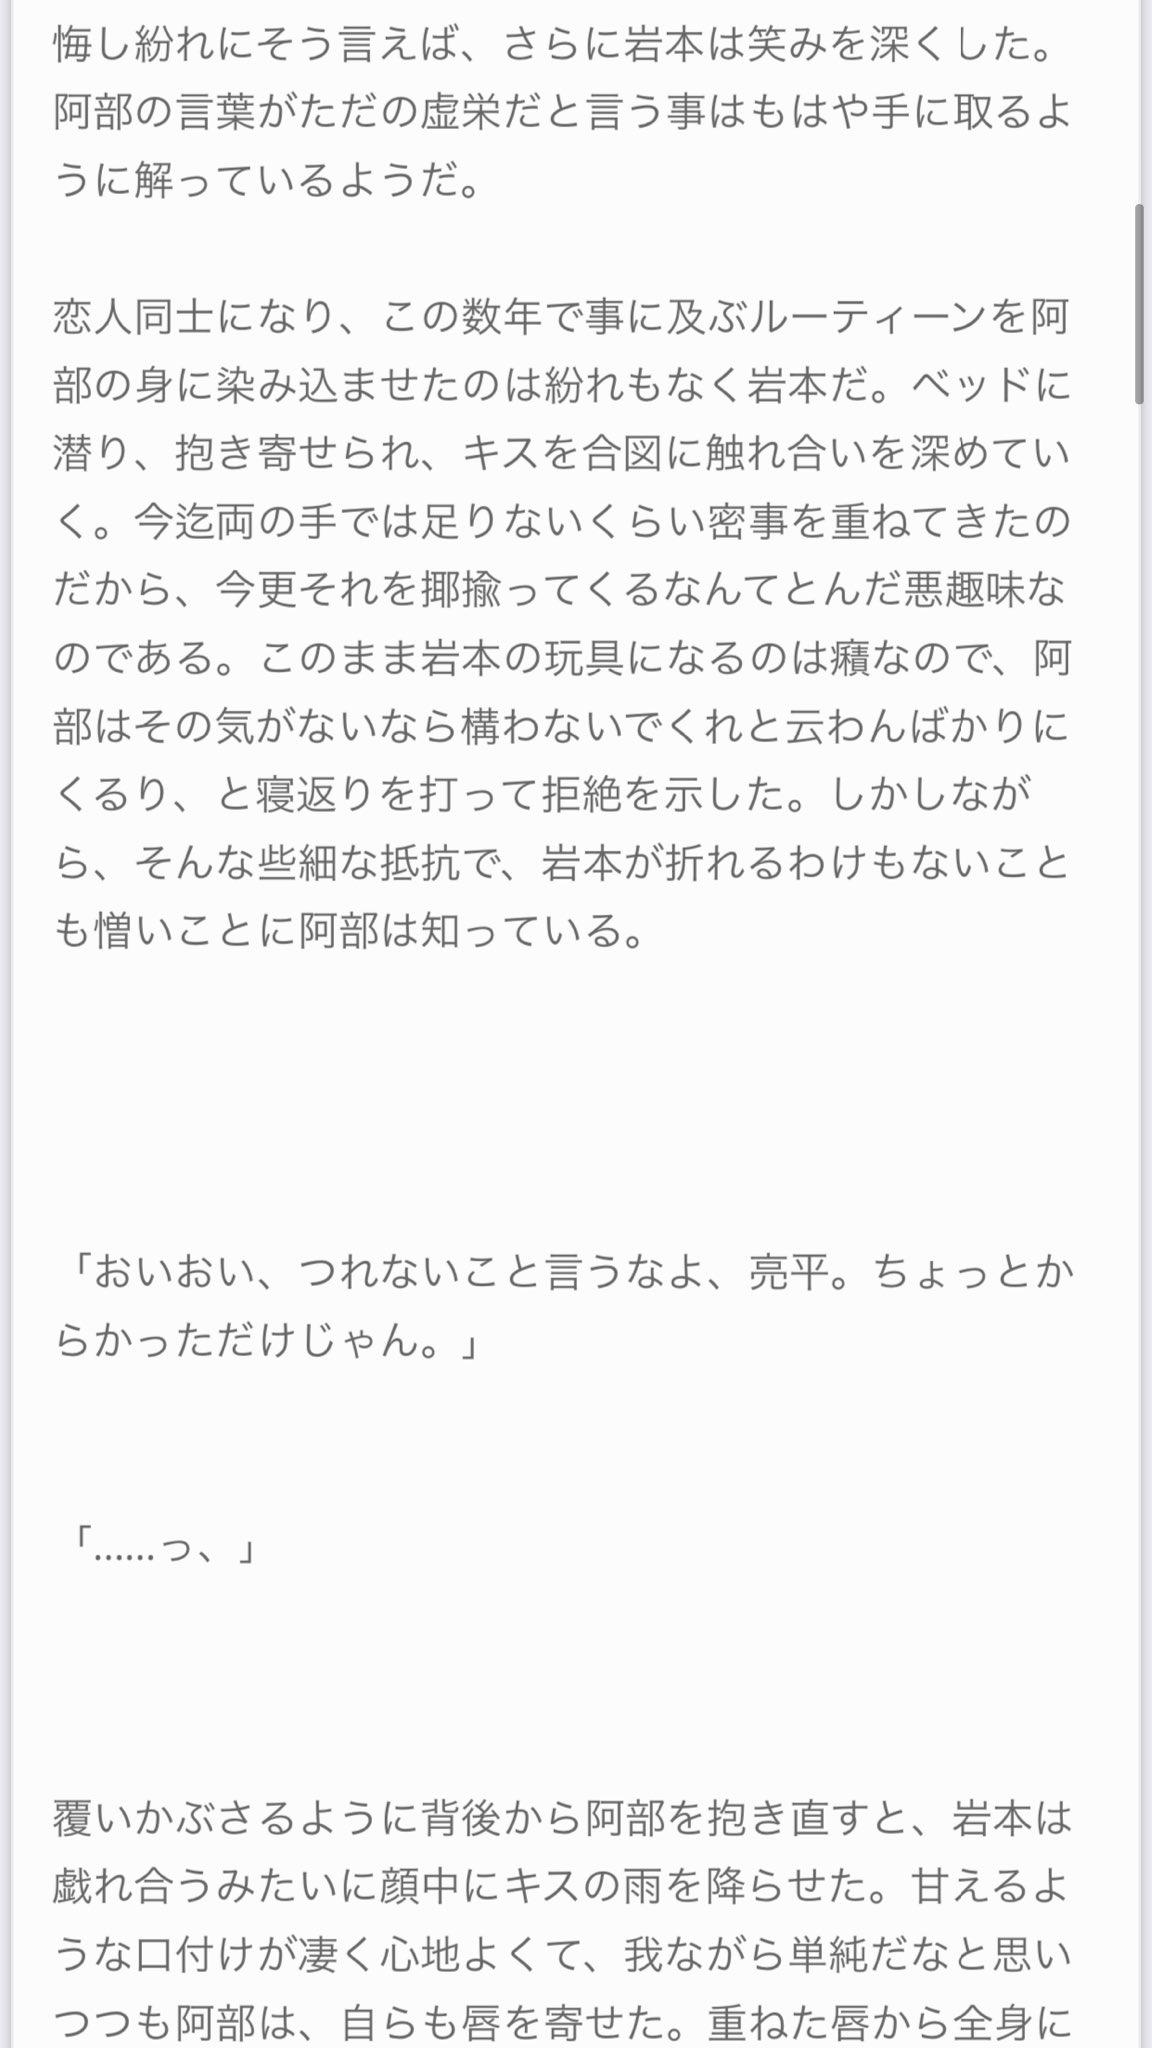 Snowman 小説 激 ピンク